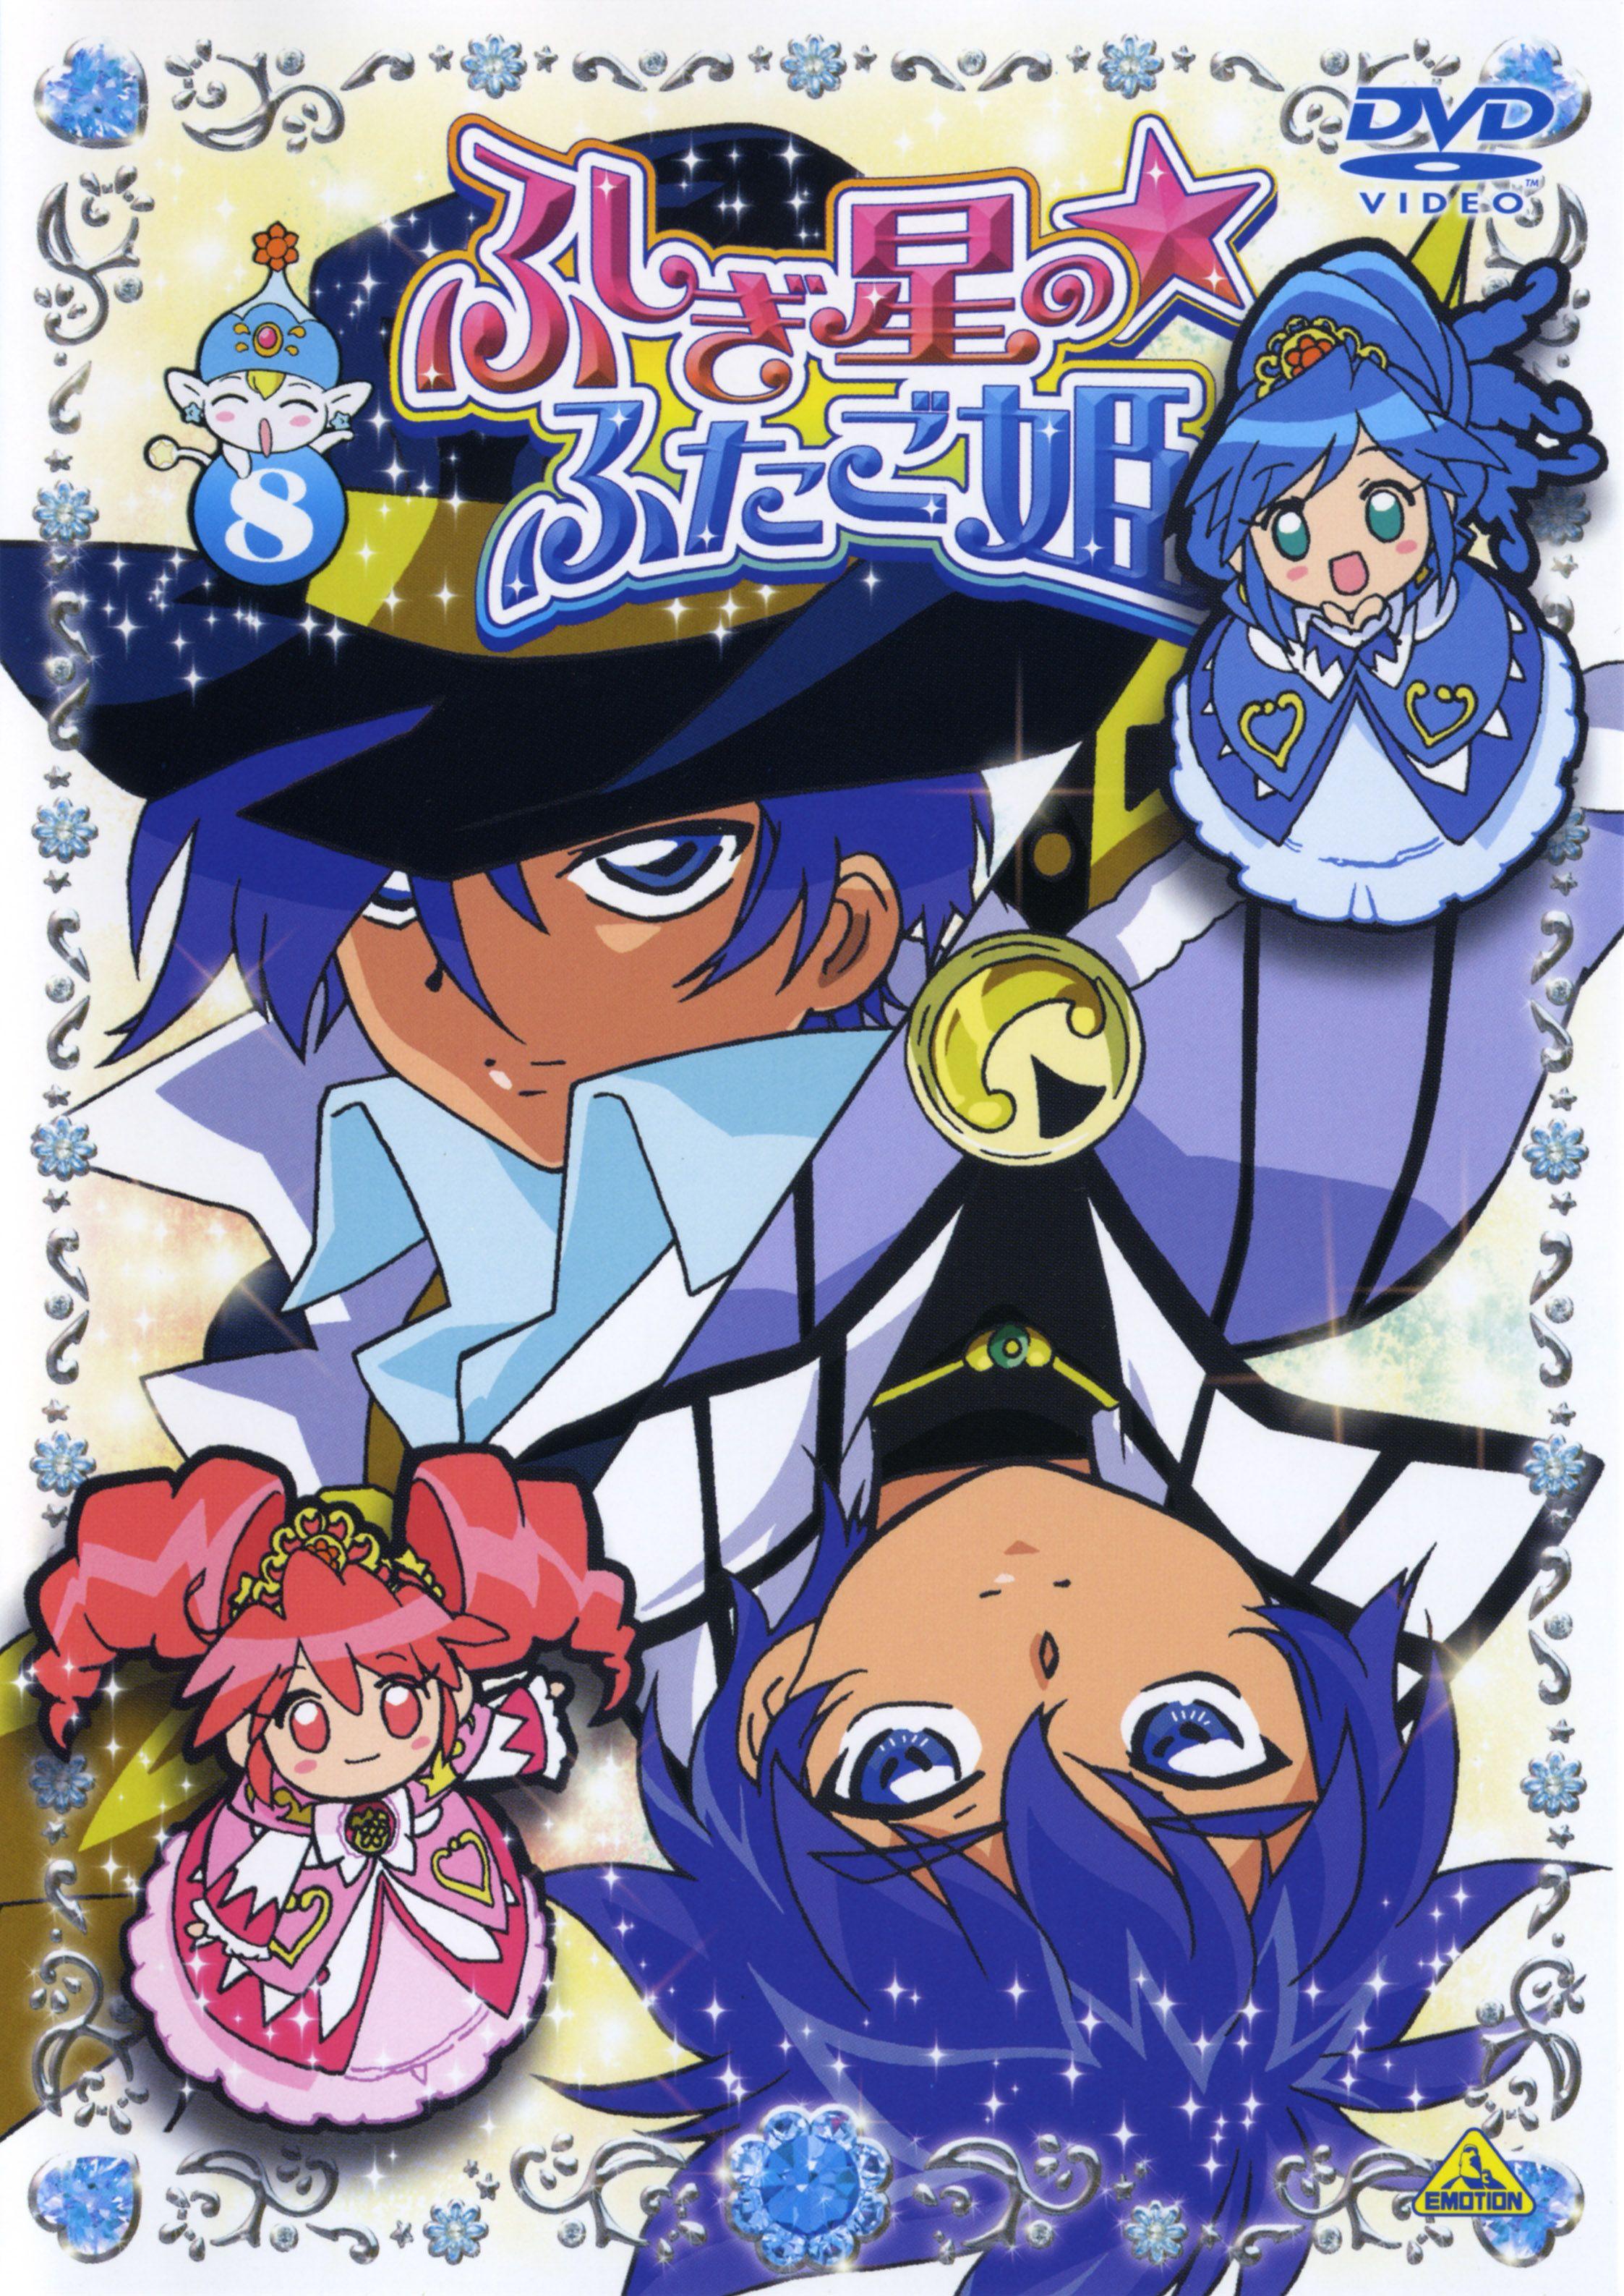 ปักพินโดย SecretlyAMagicalGirl ใน Magical Girl/ Mahou